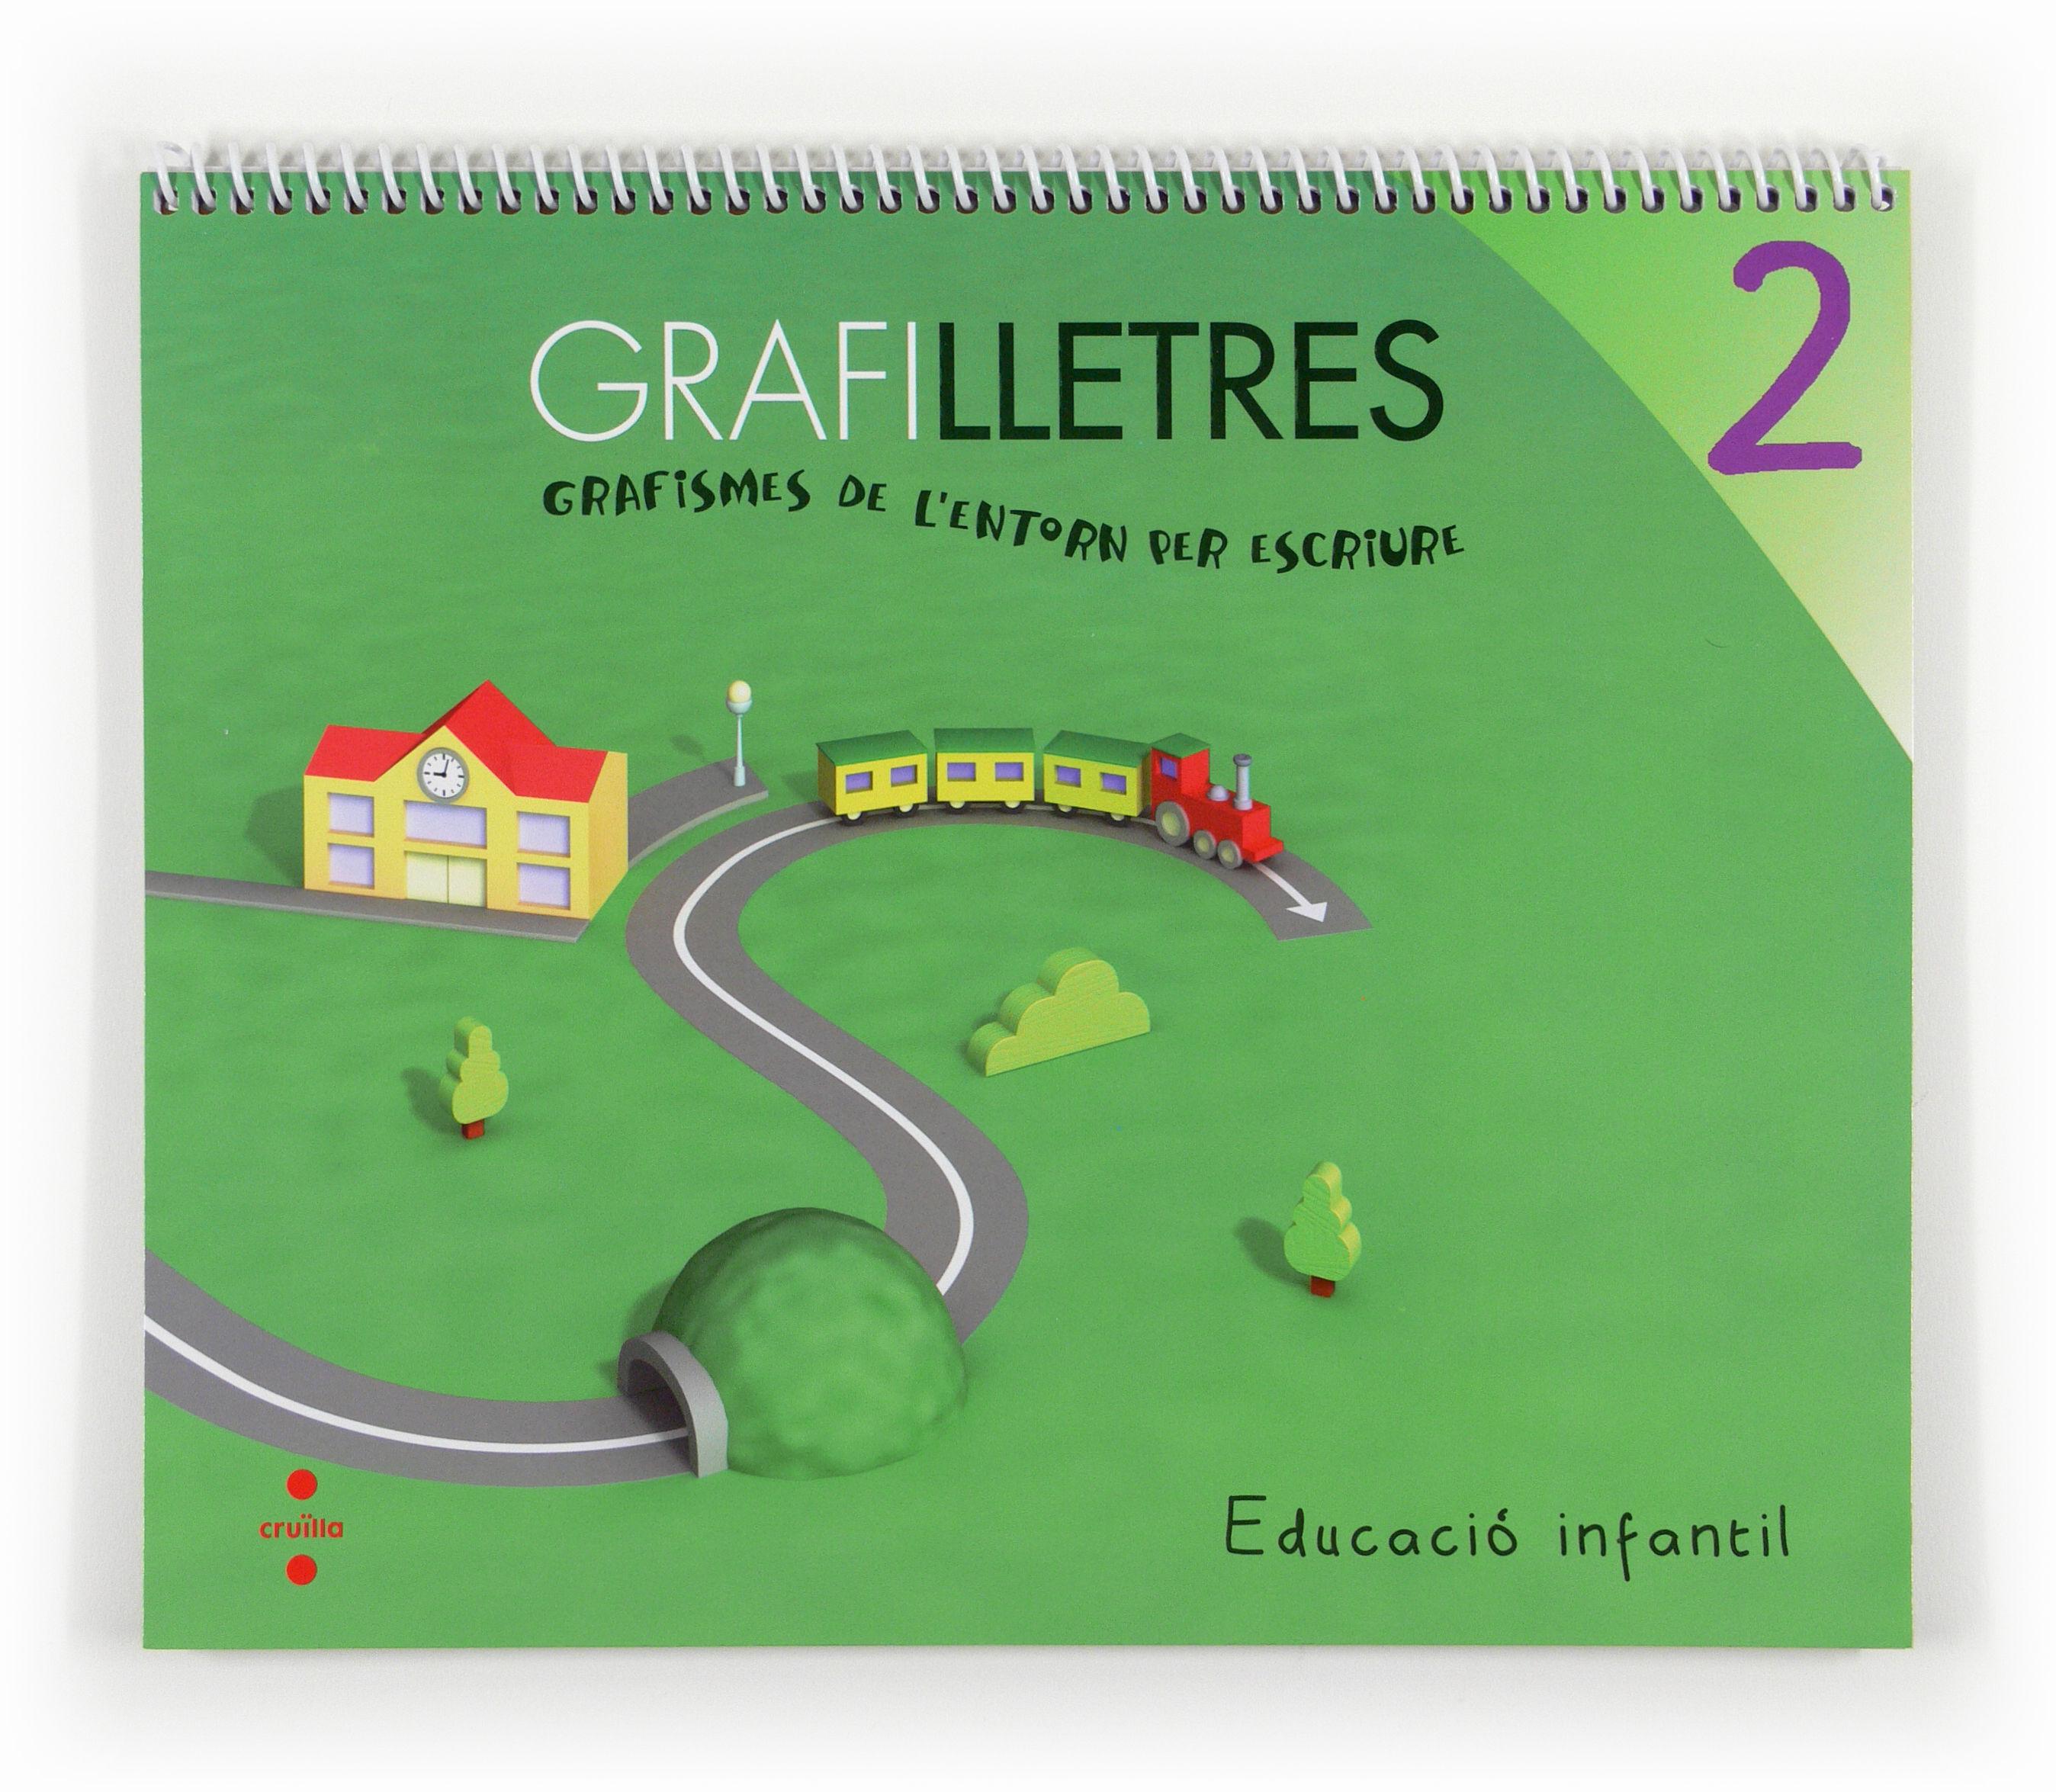 GRAFILLETRES 2. GRAFISMES DE L'ENTORN PER ESCRIURE